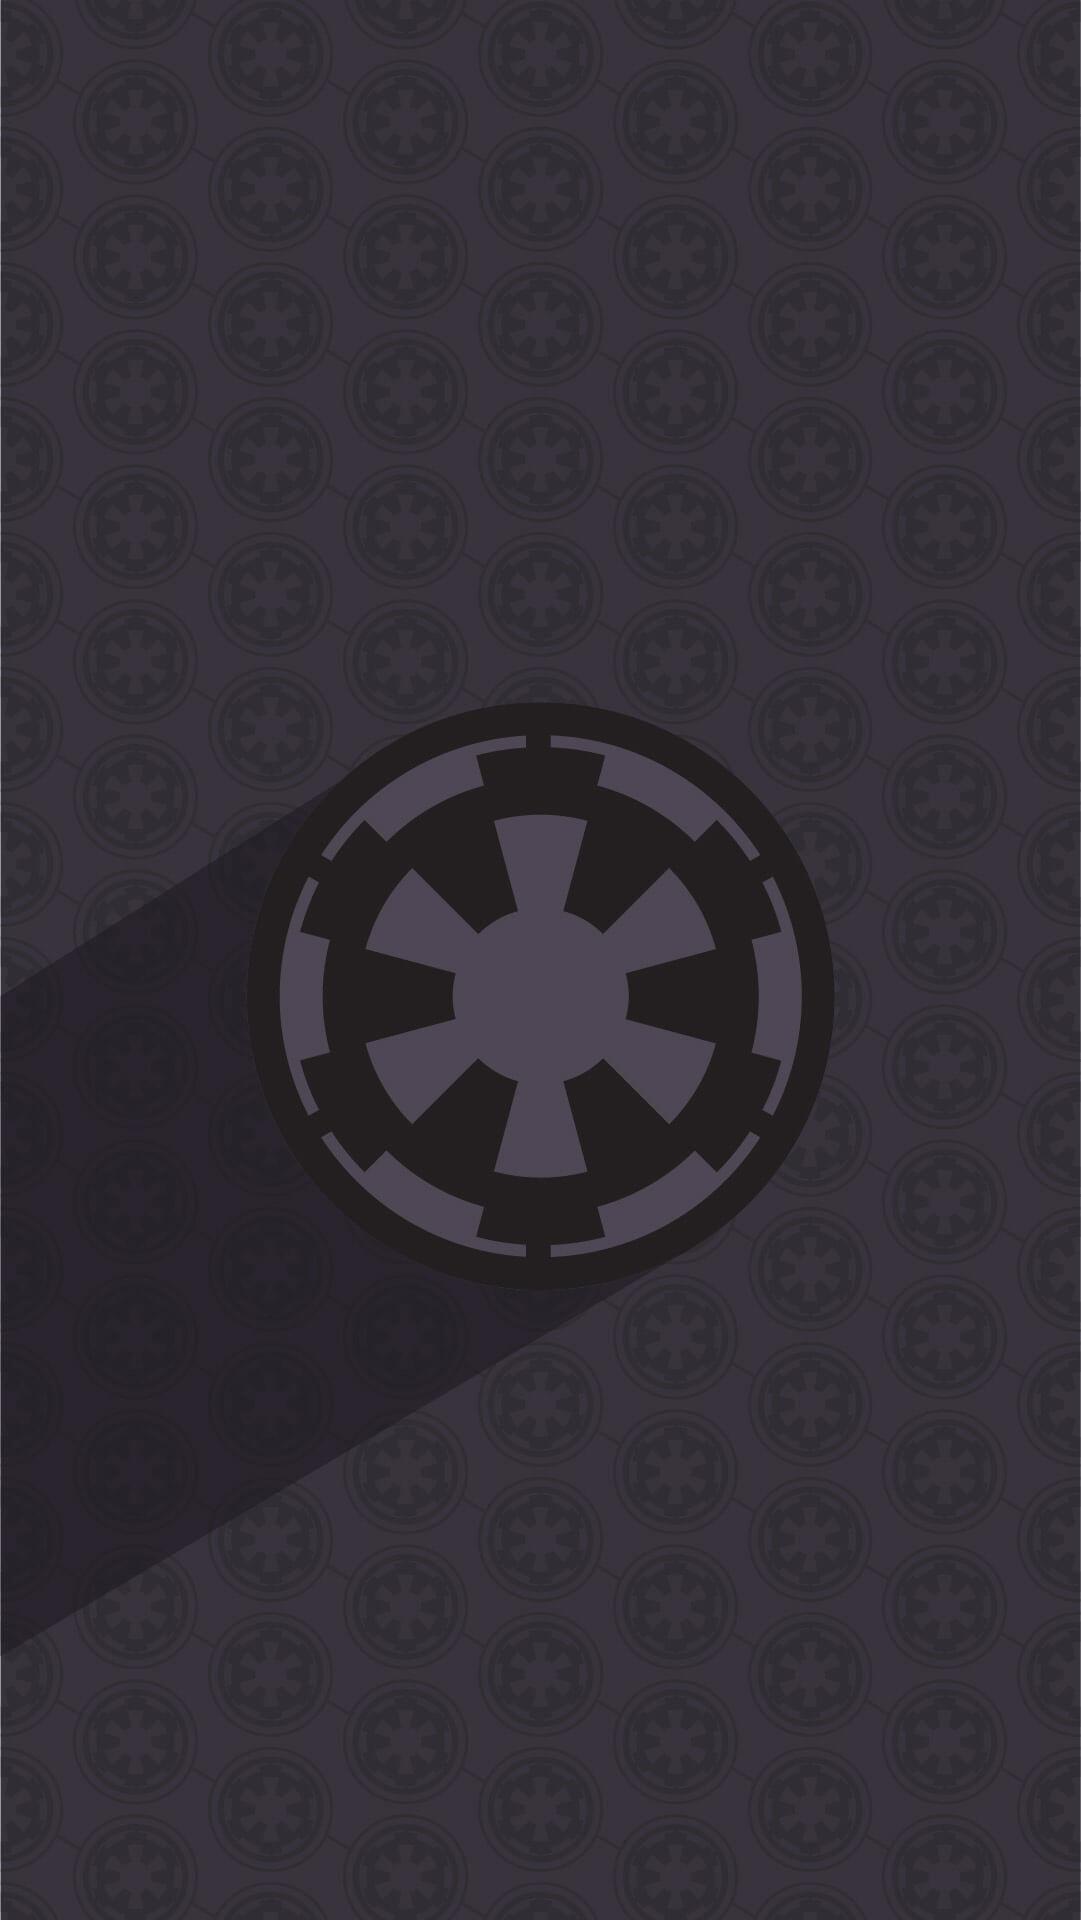 star wars fan art 30 (1)